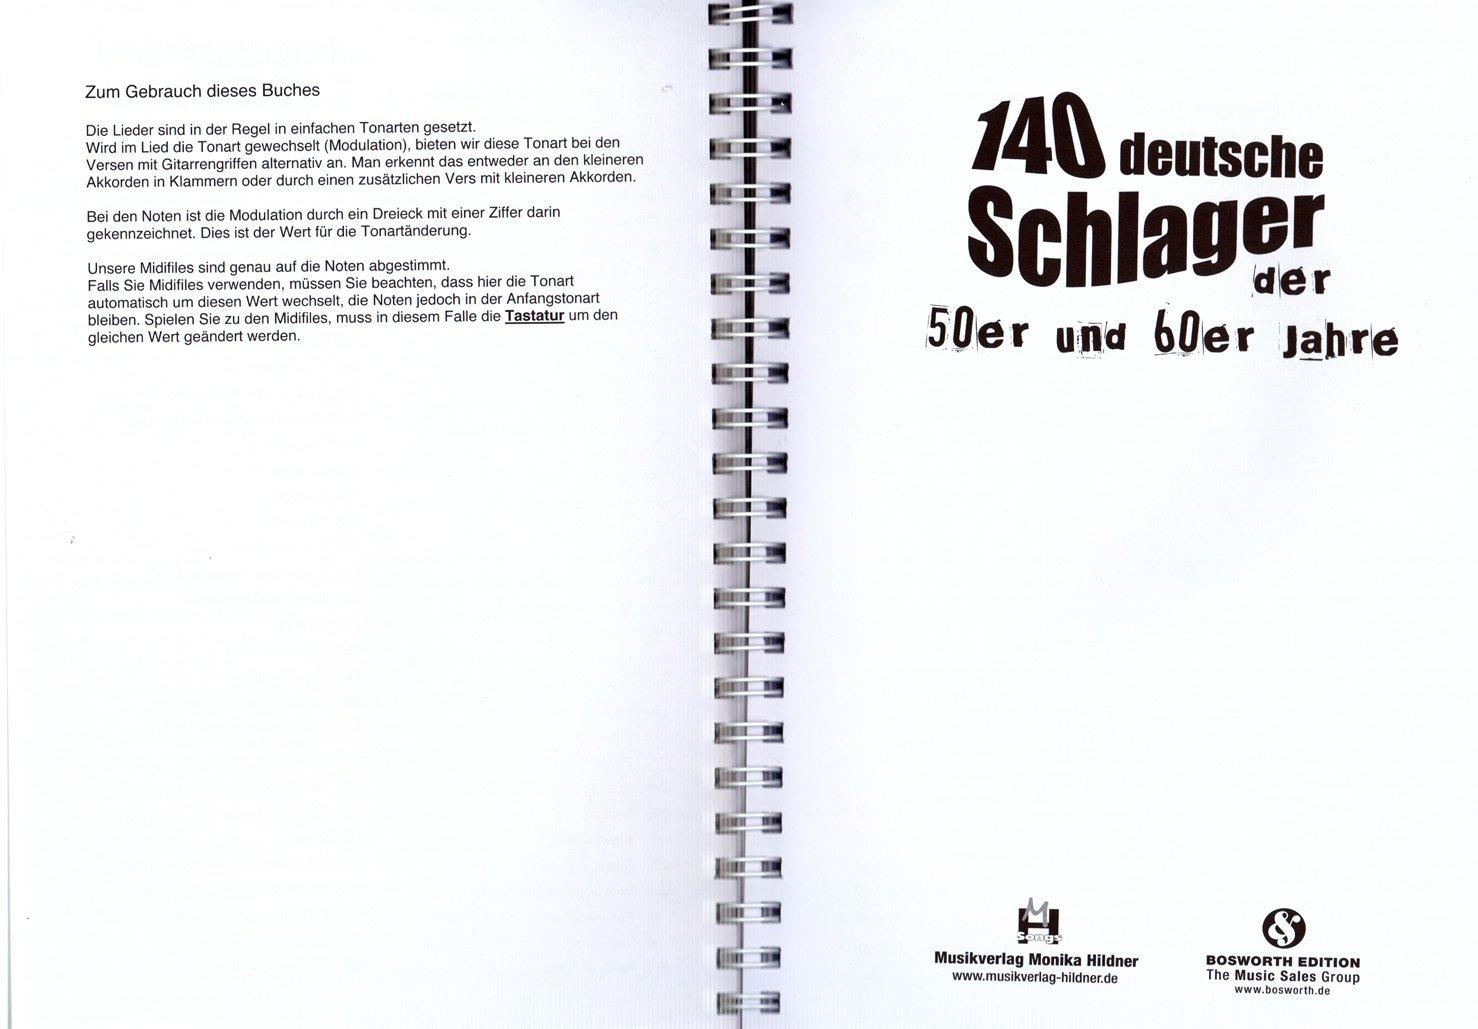 140 deutsche schlager der 50er und 60er jahre aus einer zeit